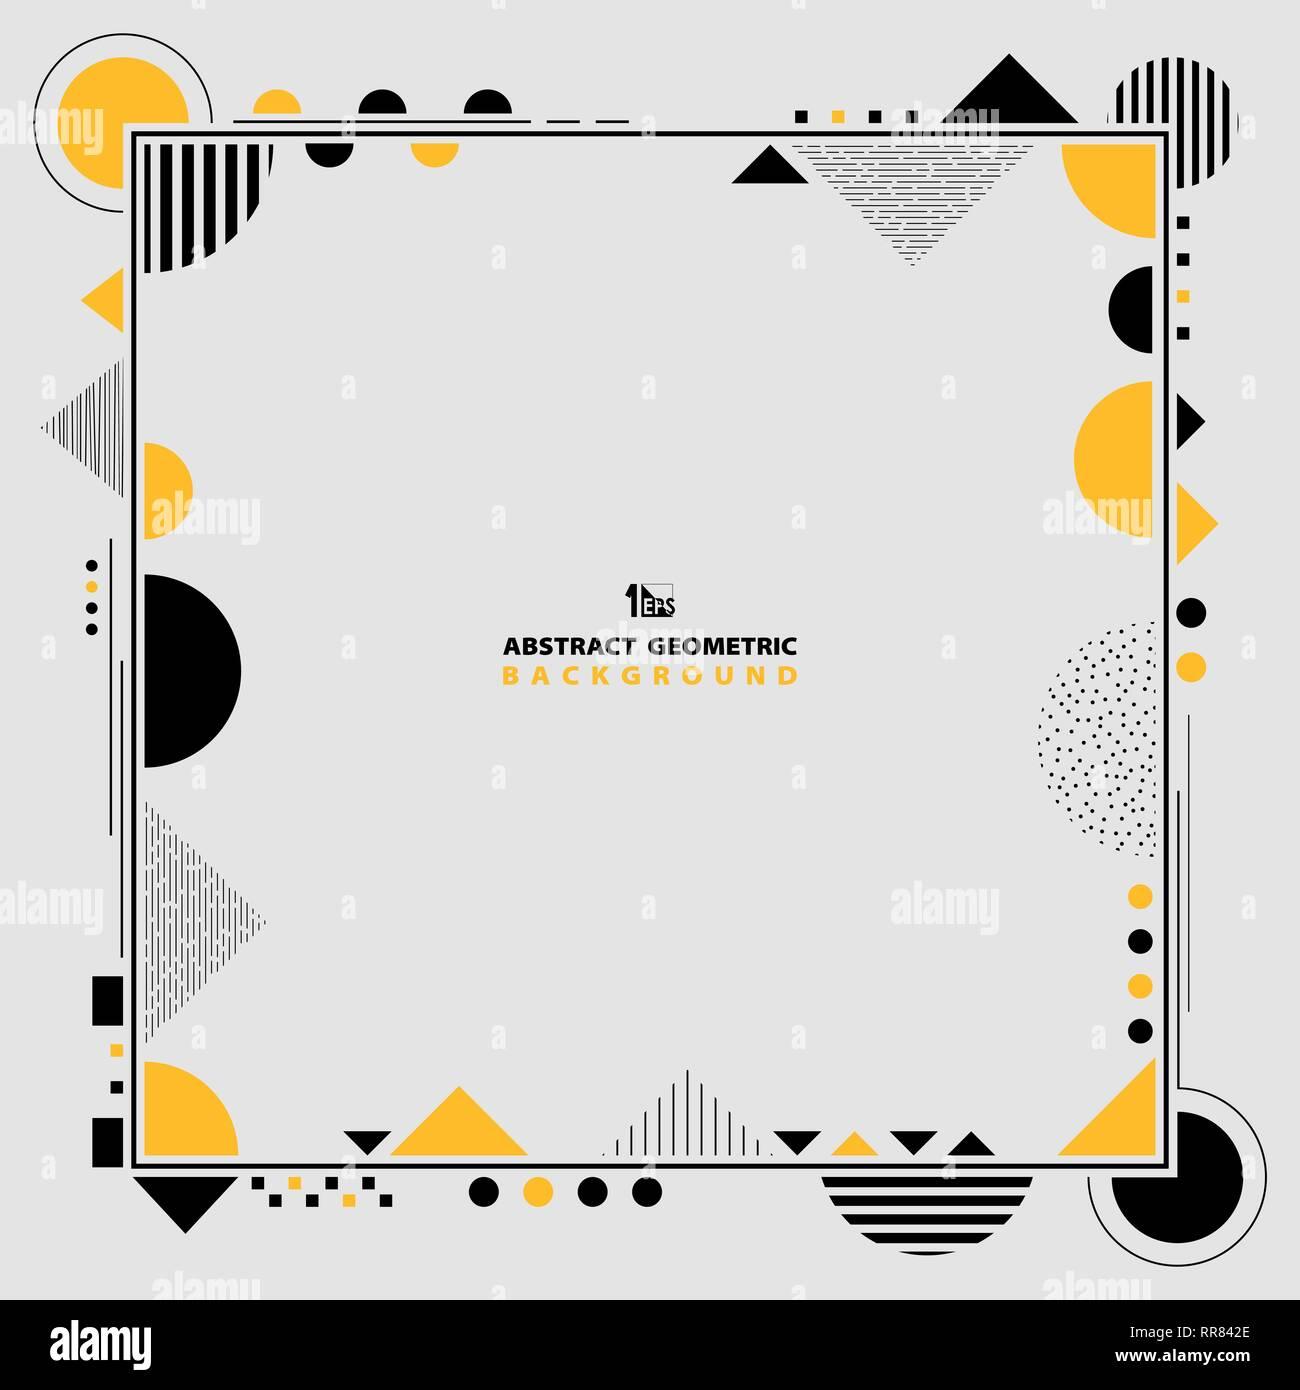 Moderno abstracto geométrico de color amarillo y negro bastidor en forma de ilustraciones. Puede utilizar para idea diseño decorativo, carteles, anuncios, cubierta, informe10 vectoriales EPS. Imagen De Stock